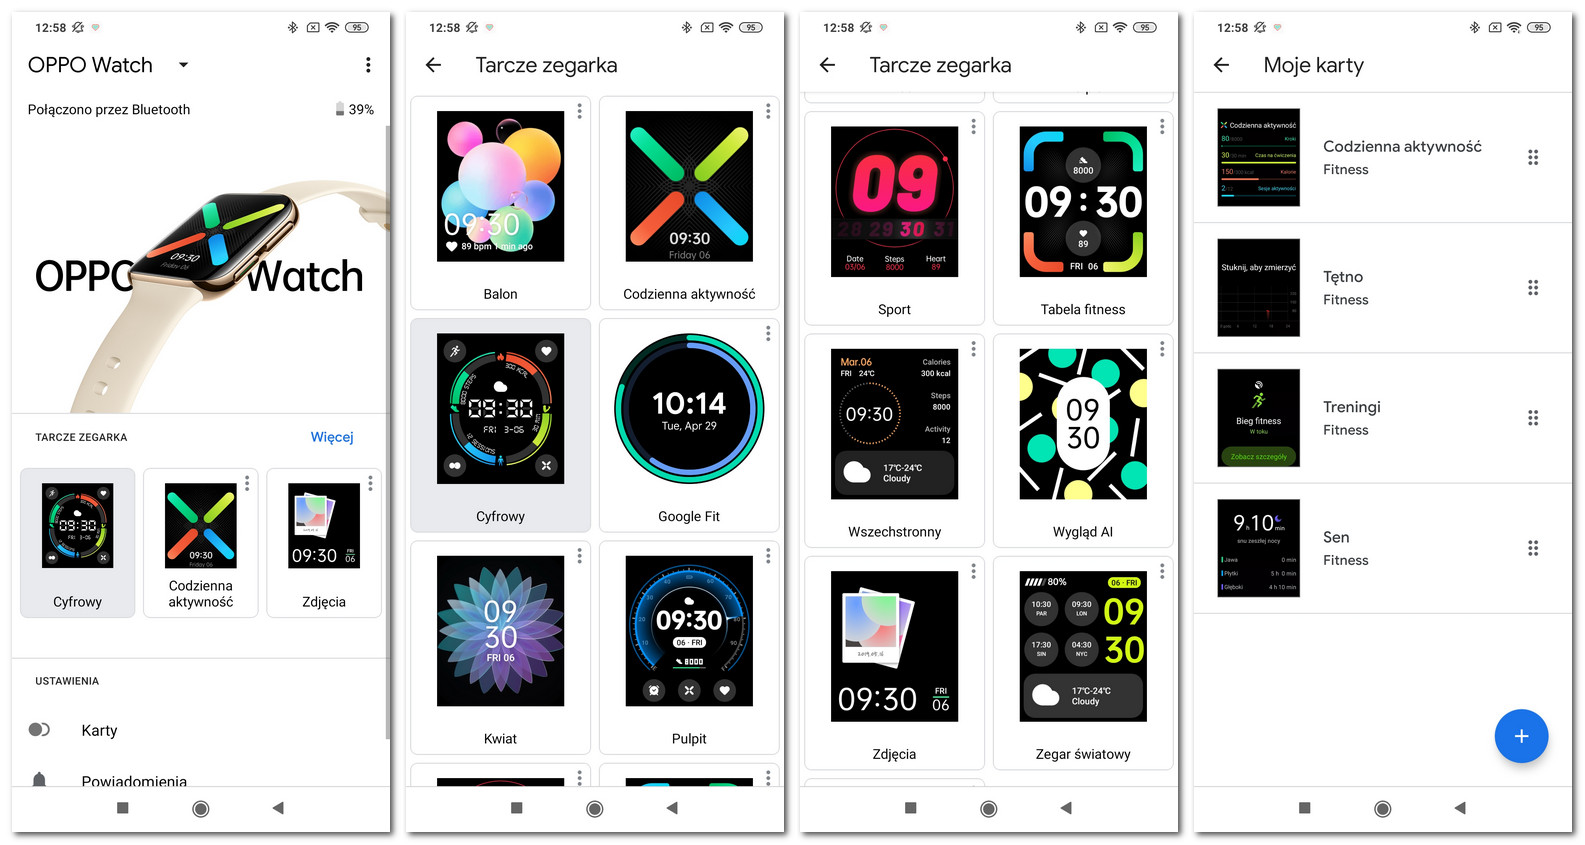 Oppo Watch - aplikacja i tarcze